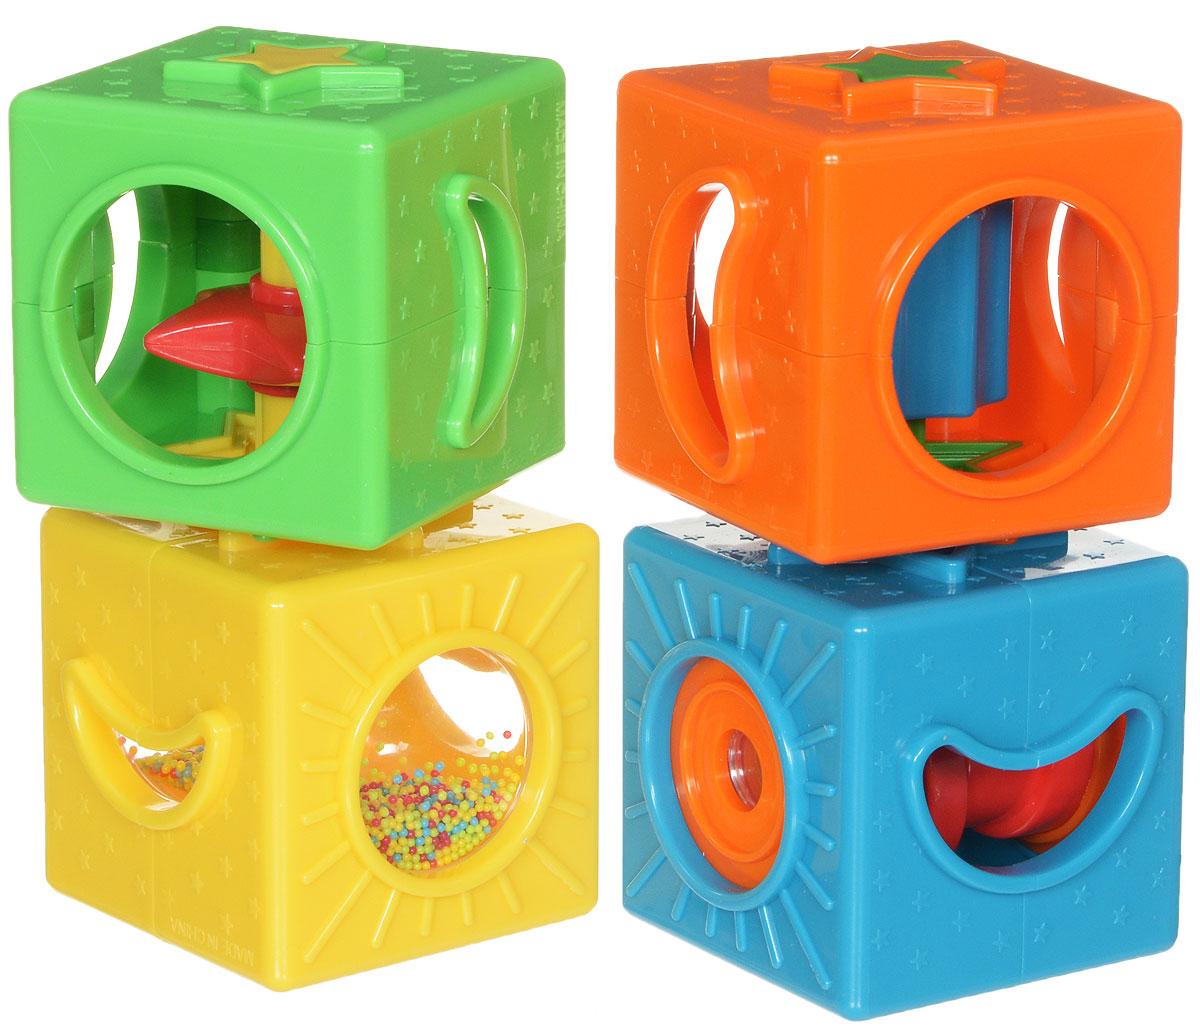 Simba Развивающие кубики4013749Кубики Simba - это красочный набор погремушек-трещоток, помещенных в кубические блоки с фигурными отверстиями и оригинальными вставками. Каждый из кубиков внутри имеет свое уникальное устройство, которое может работать, только если малыш приложит определенные усилия. Кубики-погремушки Simba обязательно заинтересуют малыша, так как представляют собой довольно яркие и интересные по форме объекты. Наличие же дополнительных предметов в середине кубика, только добавит погремушкам привлекательности. Ведь так интересно покрутить колесико или посмотреть на то, как пересыпаются яркие блестки в песочных часах. Грани игрушек содержат фигурные отверстия в форме круга, звездочки и полумесяца. Каждый кубик снабжен дополнительным устройством - песочными часами, трещоткой, крутящейся звездочкой и подзорной трубой. Развлекаясь с развивающими кубиками-погремушками, ребенок улучшает навыки мелкой моторики, тренирует глазомер и учится различать объекты по форме и цвету.